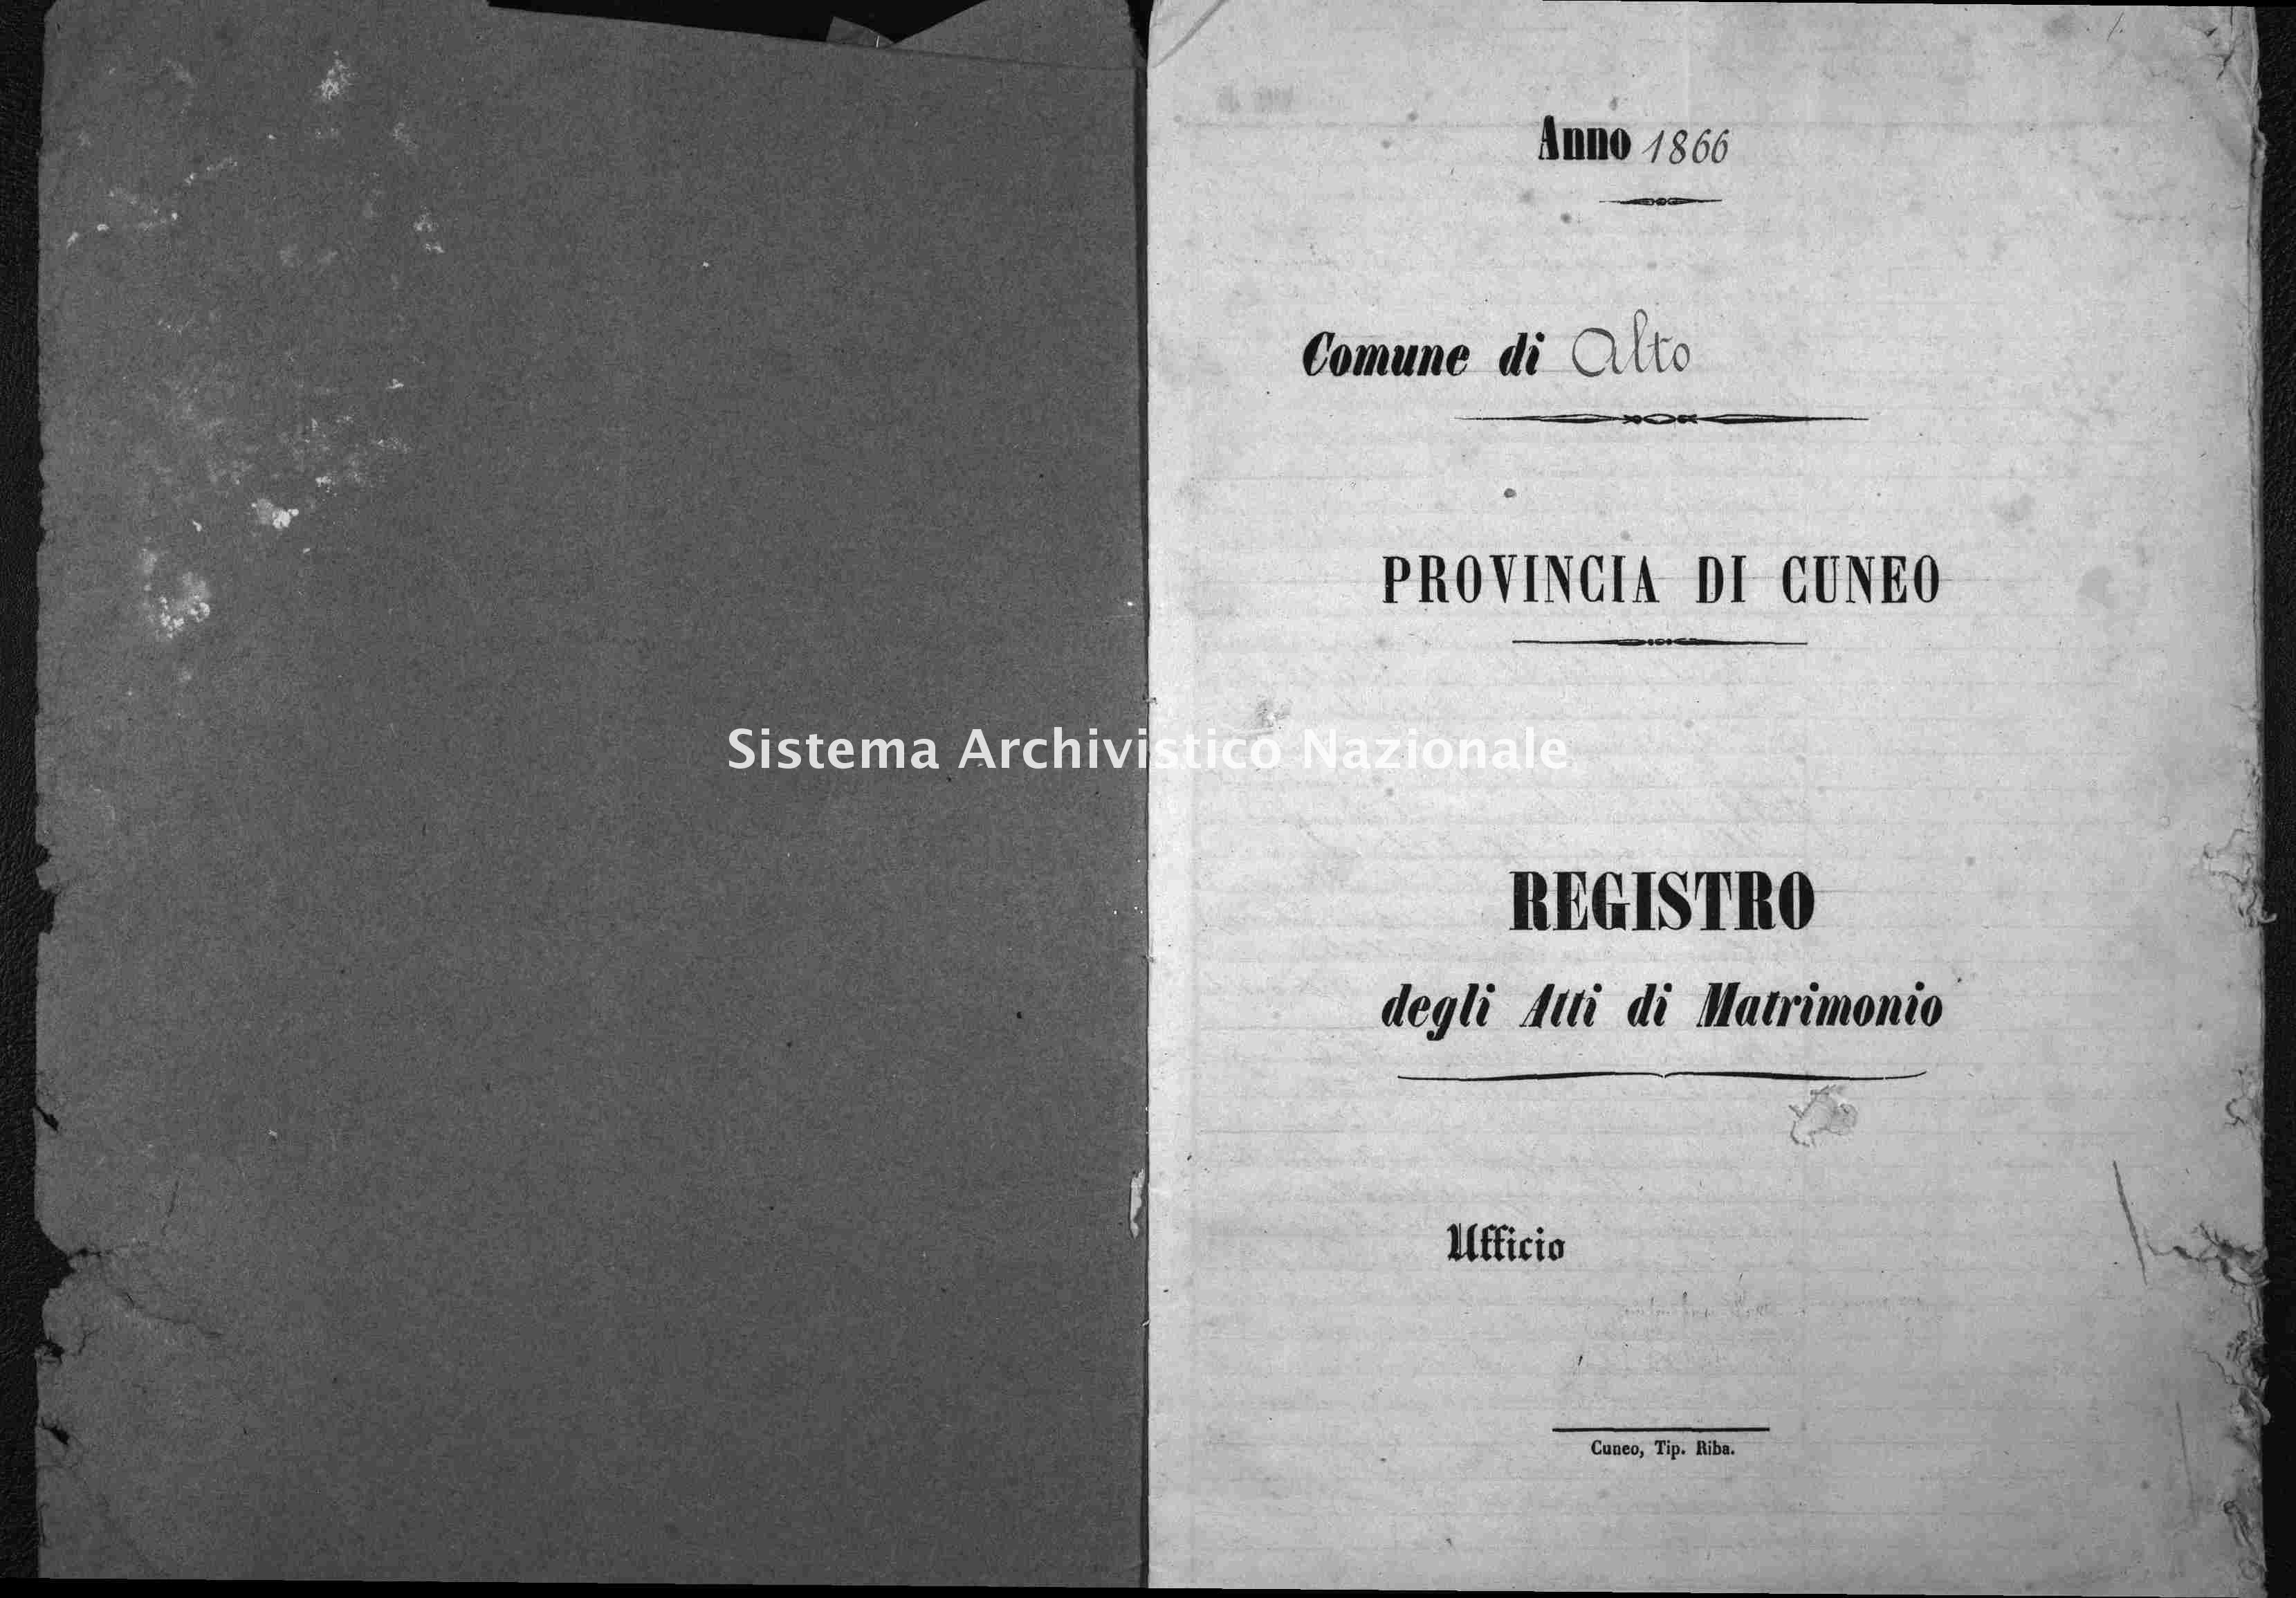 Archivio di stato di Cuneo - Stato civile italiano - Alto - Matrimoni - 1866 -